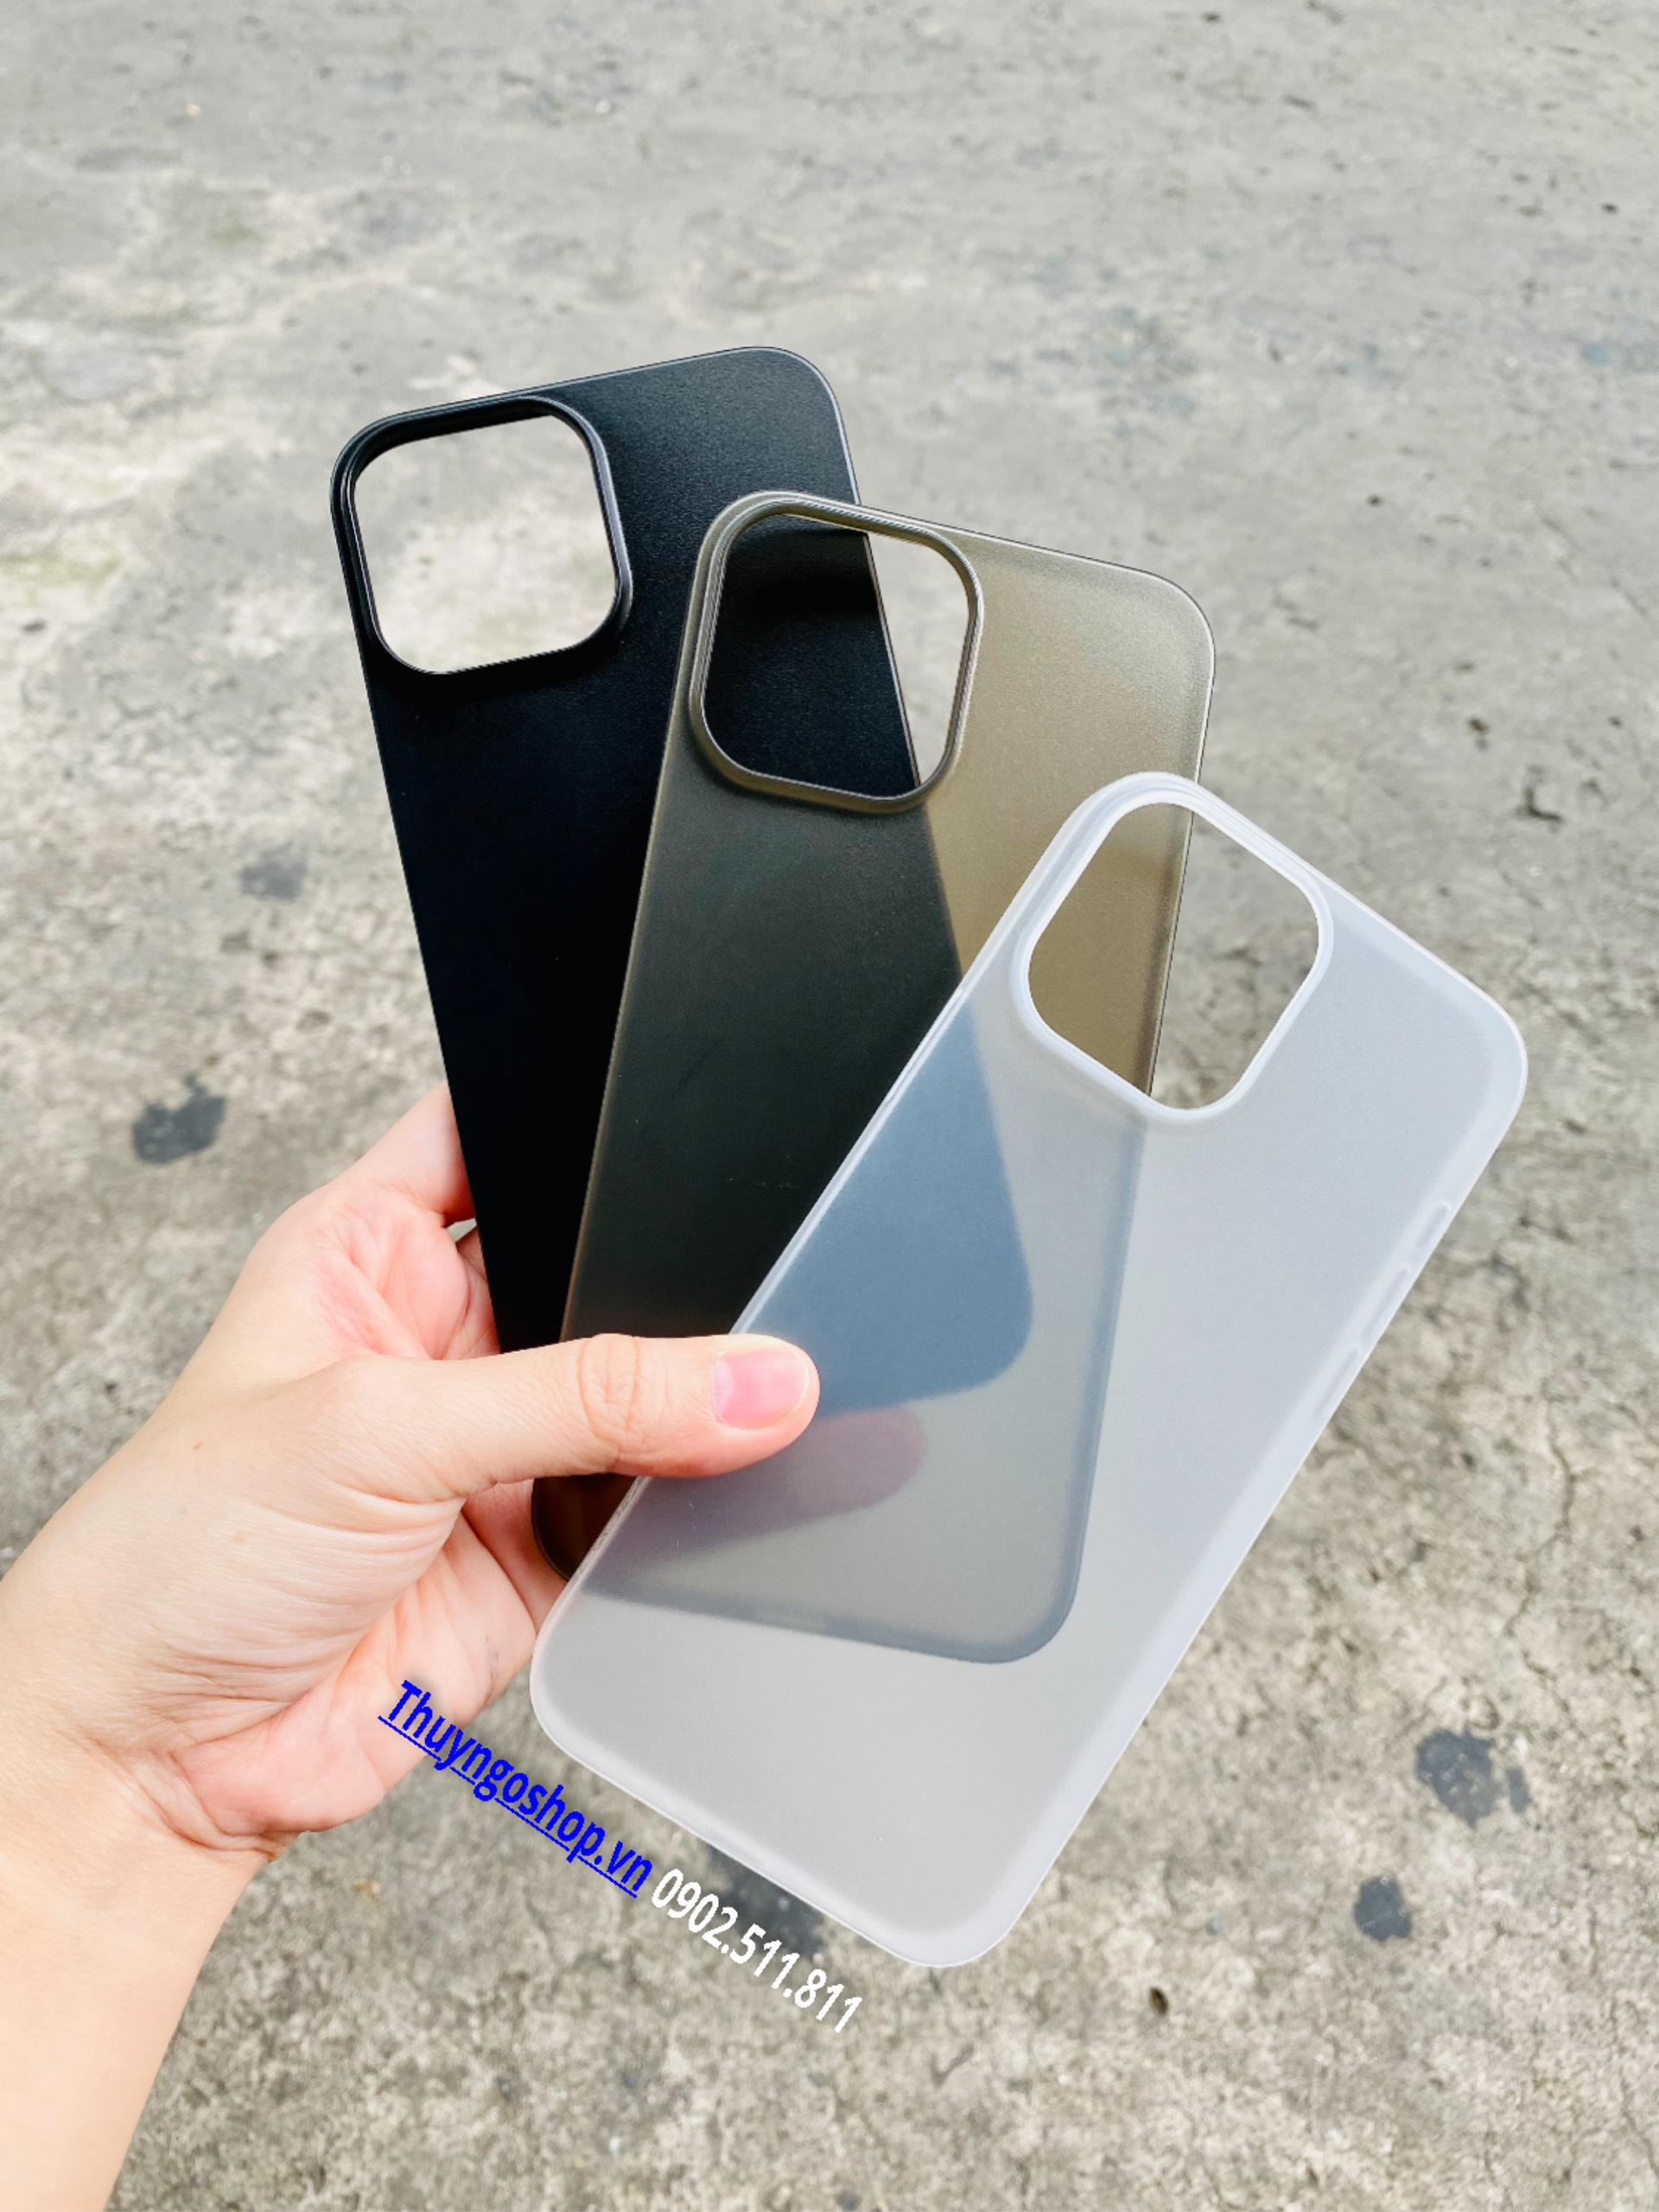 Ốp lưng nhám siêu mỏng 0.18mm X-Level Iphone 13 Pro